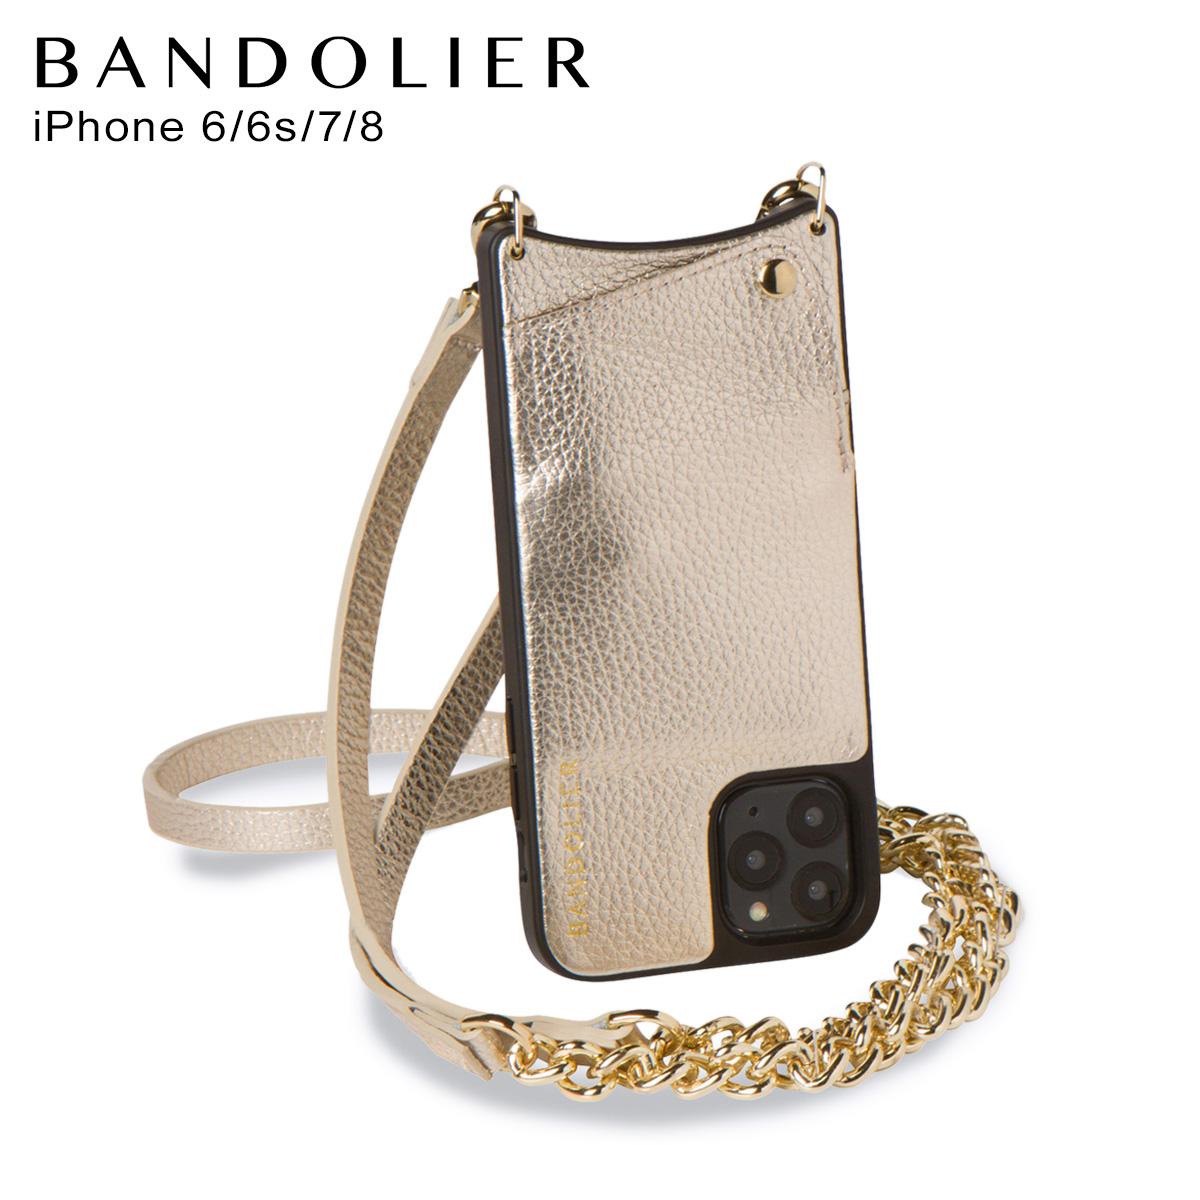 バンドリヤー BANDOLIER iPhone8 SE iPhone 7 6s ケース スマホ 携帯 ショルダー アイフォン レクシー メンズ レディース LEXI ゴールド 10LEX [4/13 新入荷]